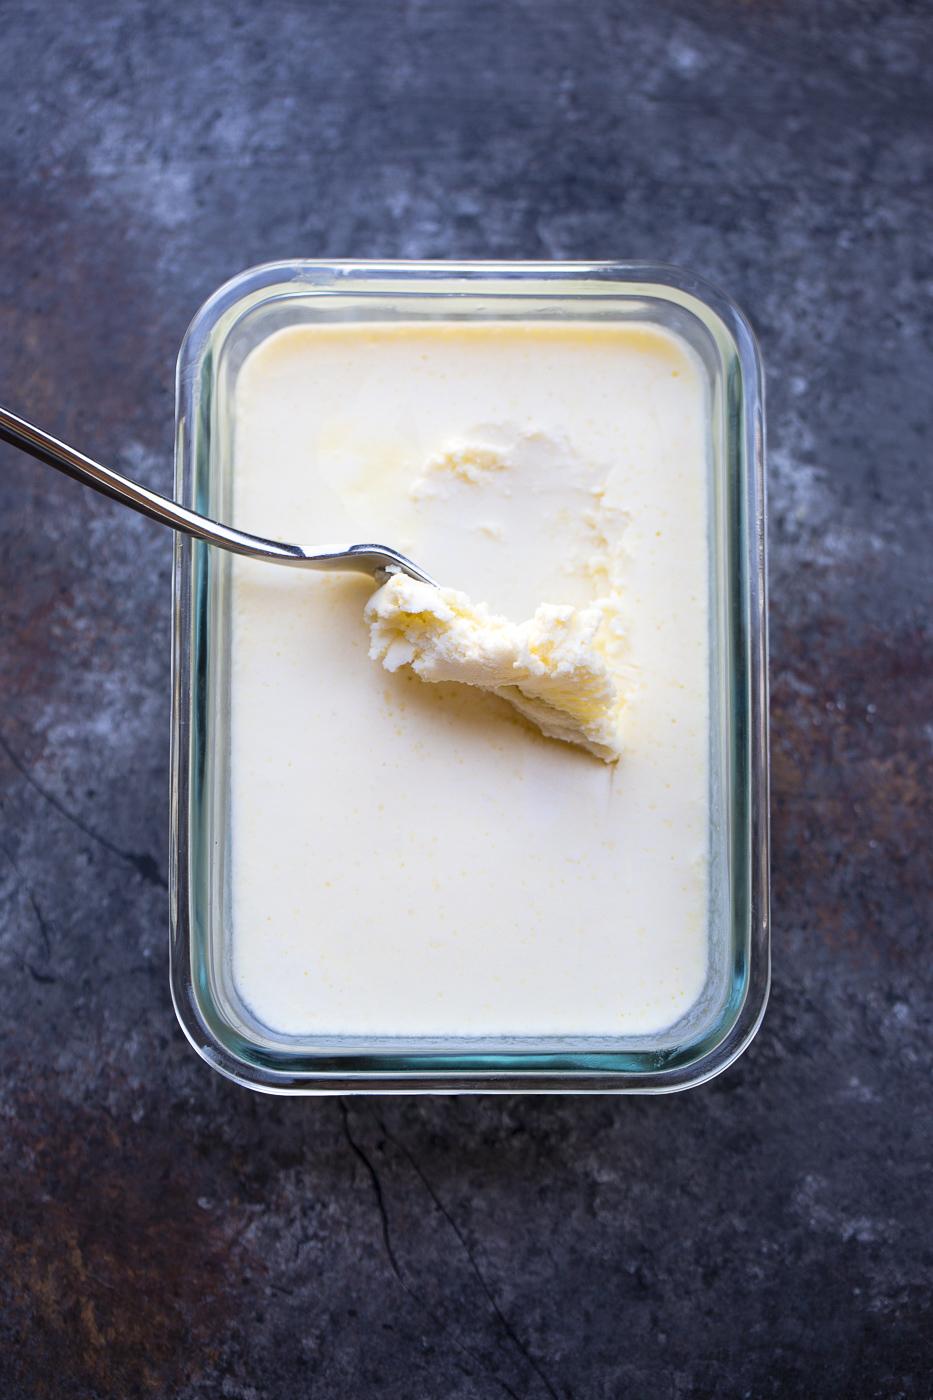 prepared vegan butter in a dish